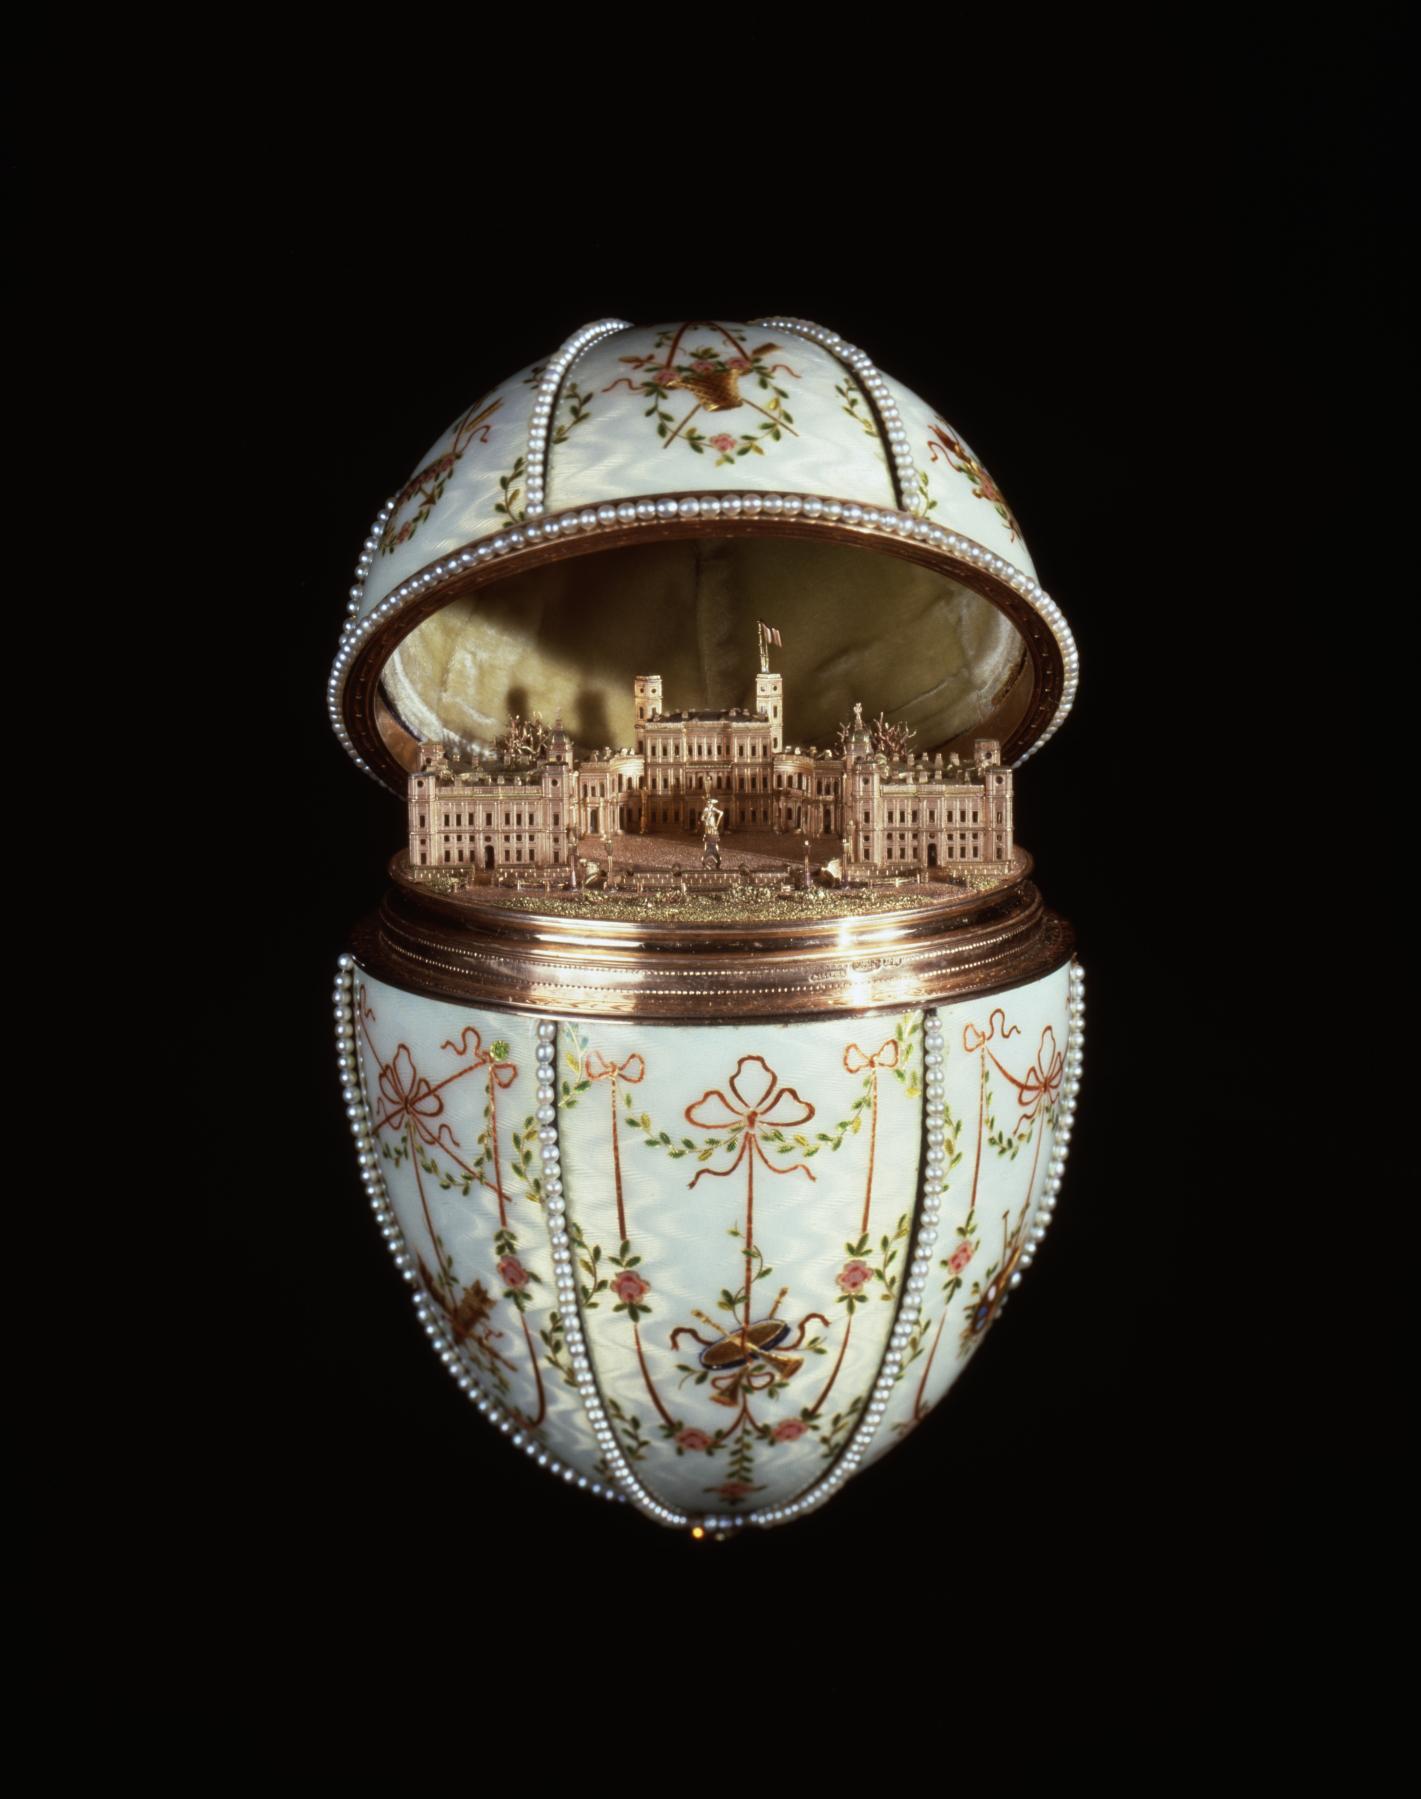 Faberžeova jaja - Page 6 House_of_fabergc3a9_-_gatchina_palace_egg_-_walters_44500_-_open_view_b